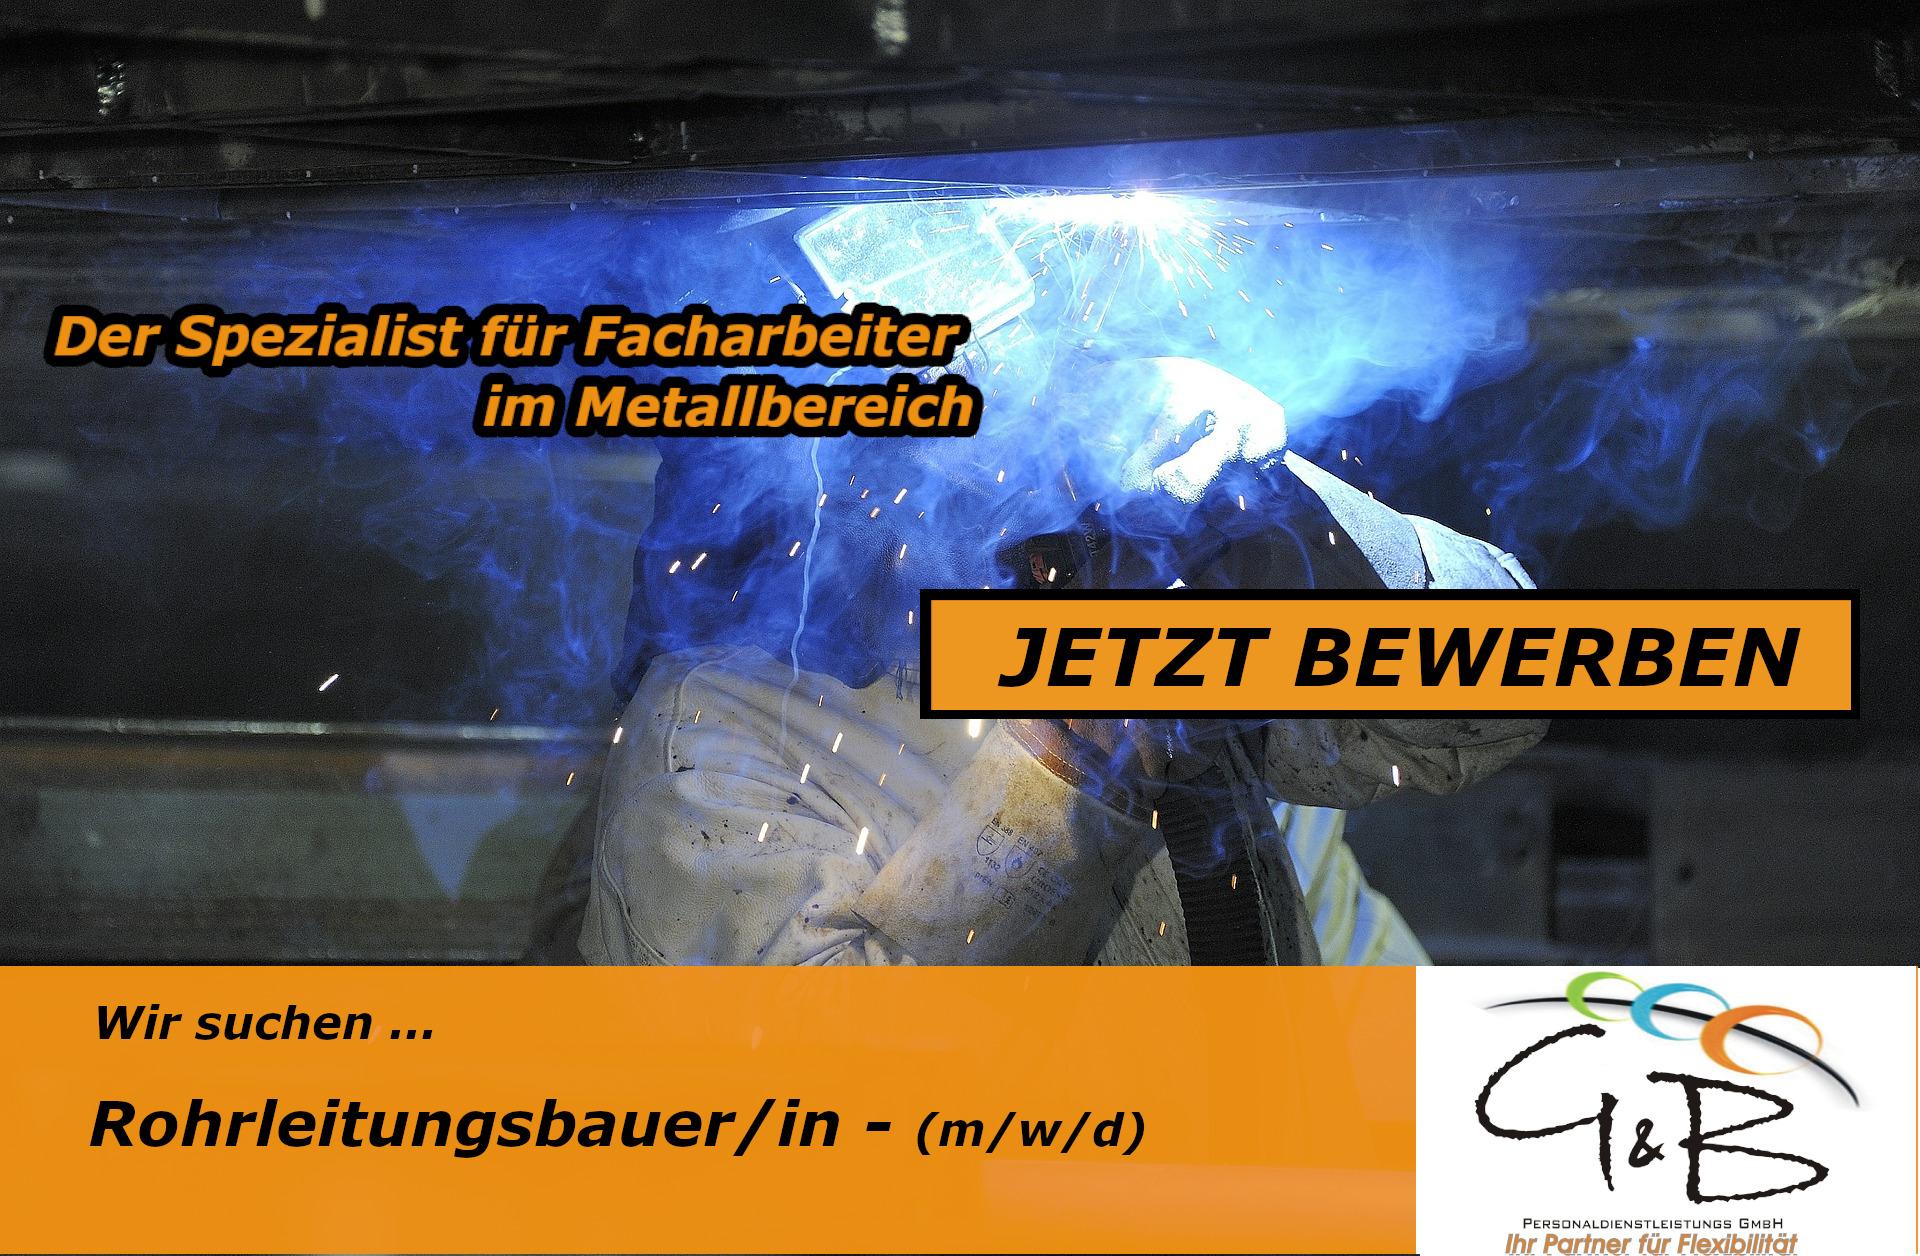 G&B_Rohrleitungsbauer